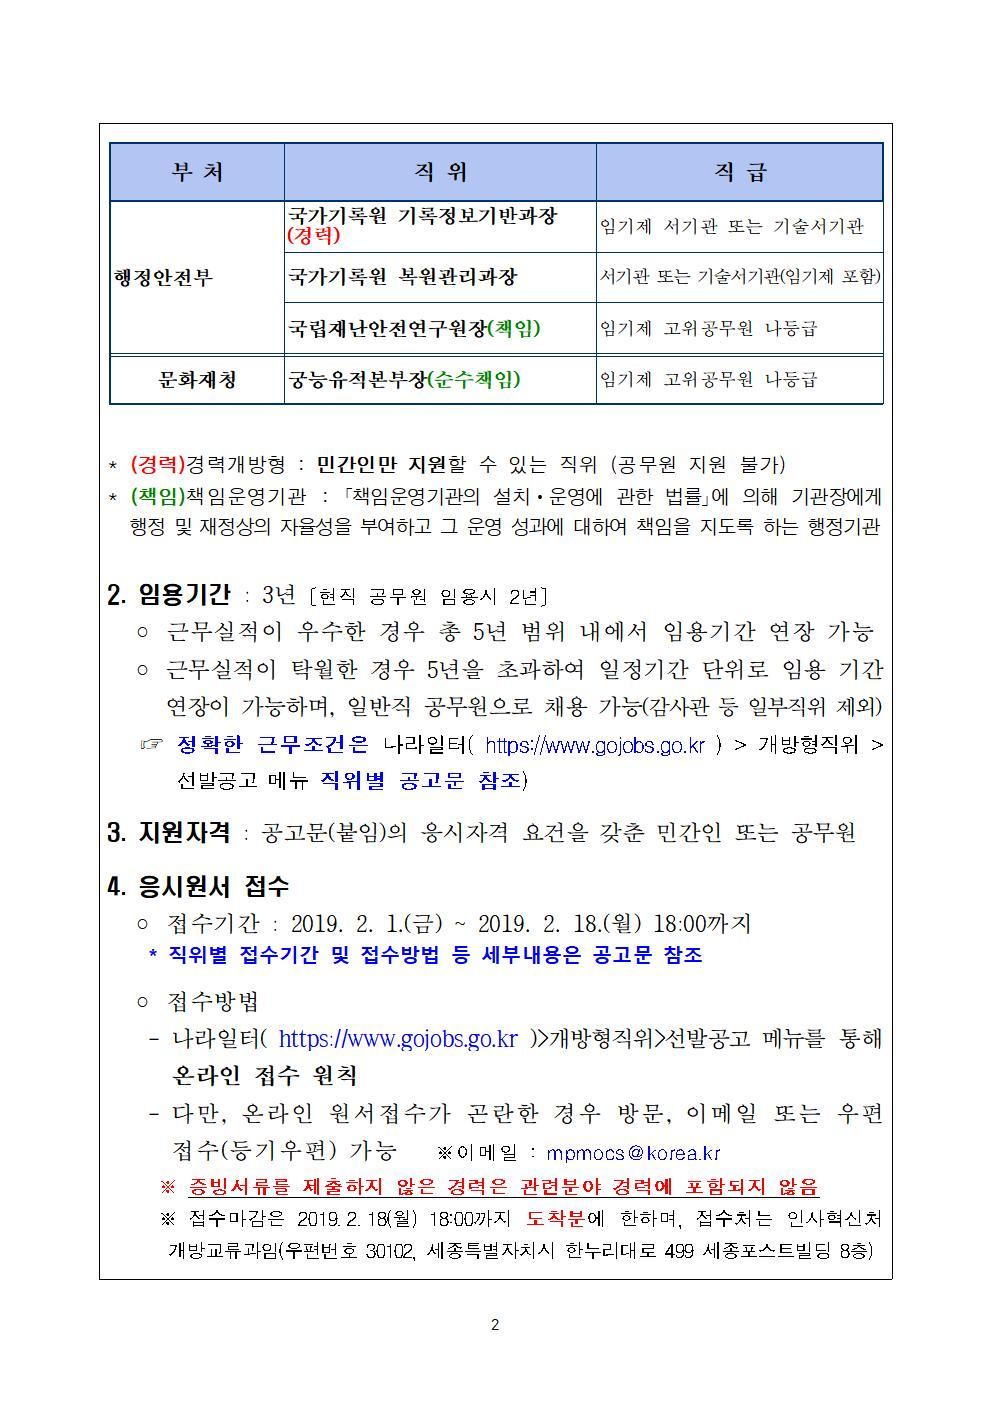 개방형 직위 공개모집 안내(2019년 2월 공고) (1)002.jpg